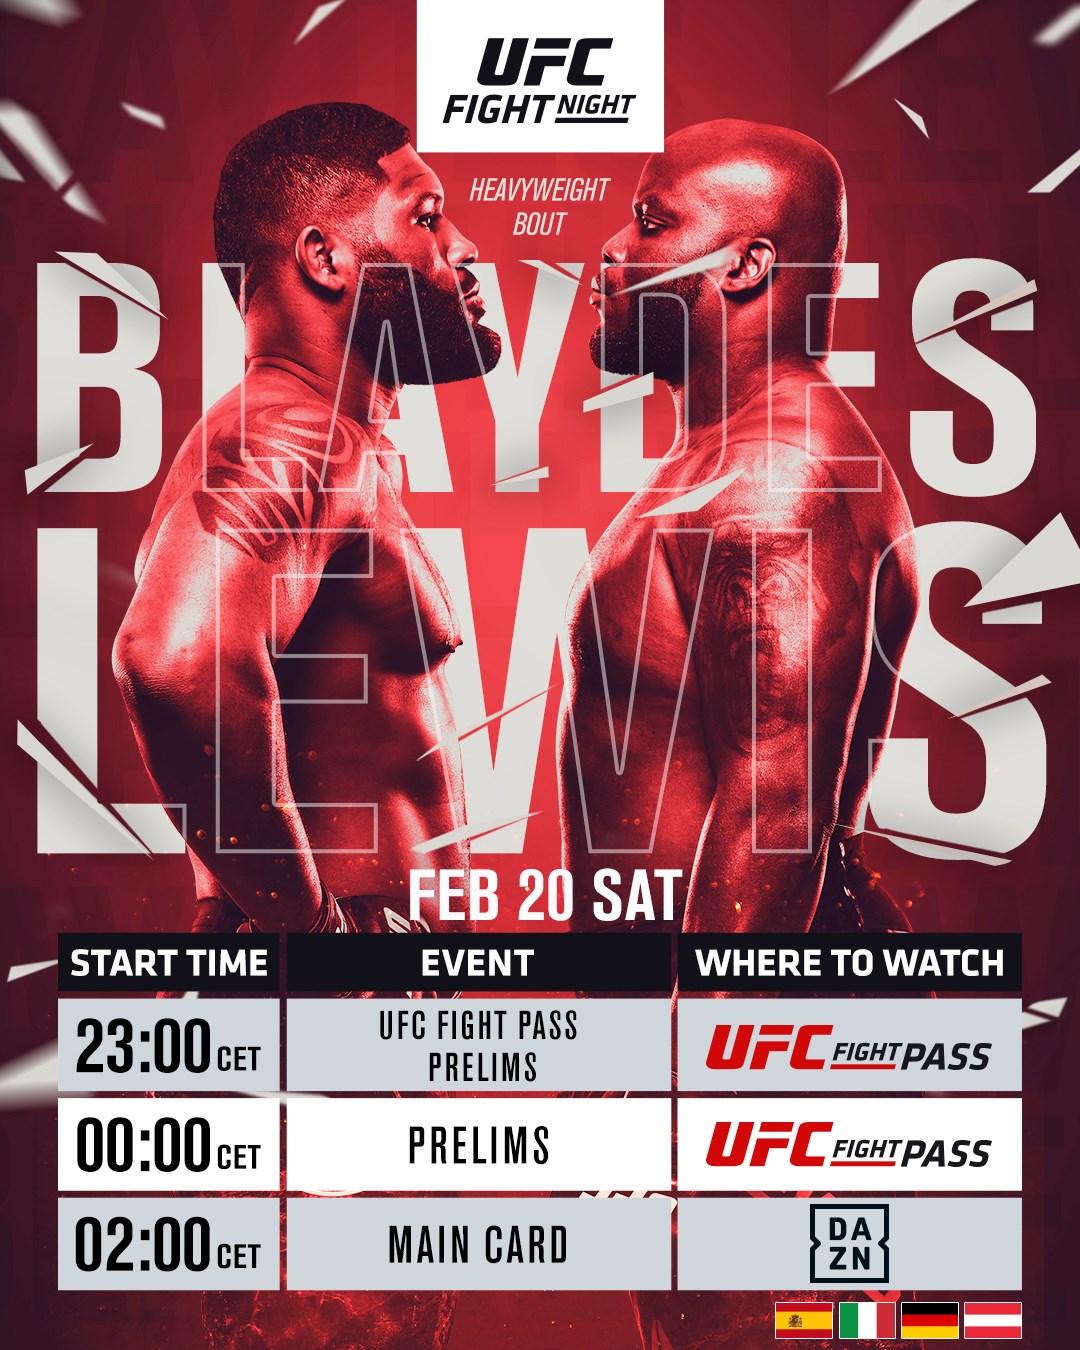 Blaydes vs Lewis